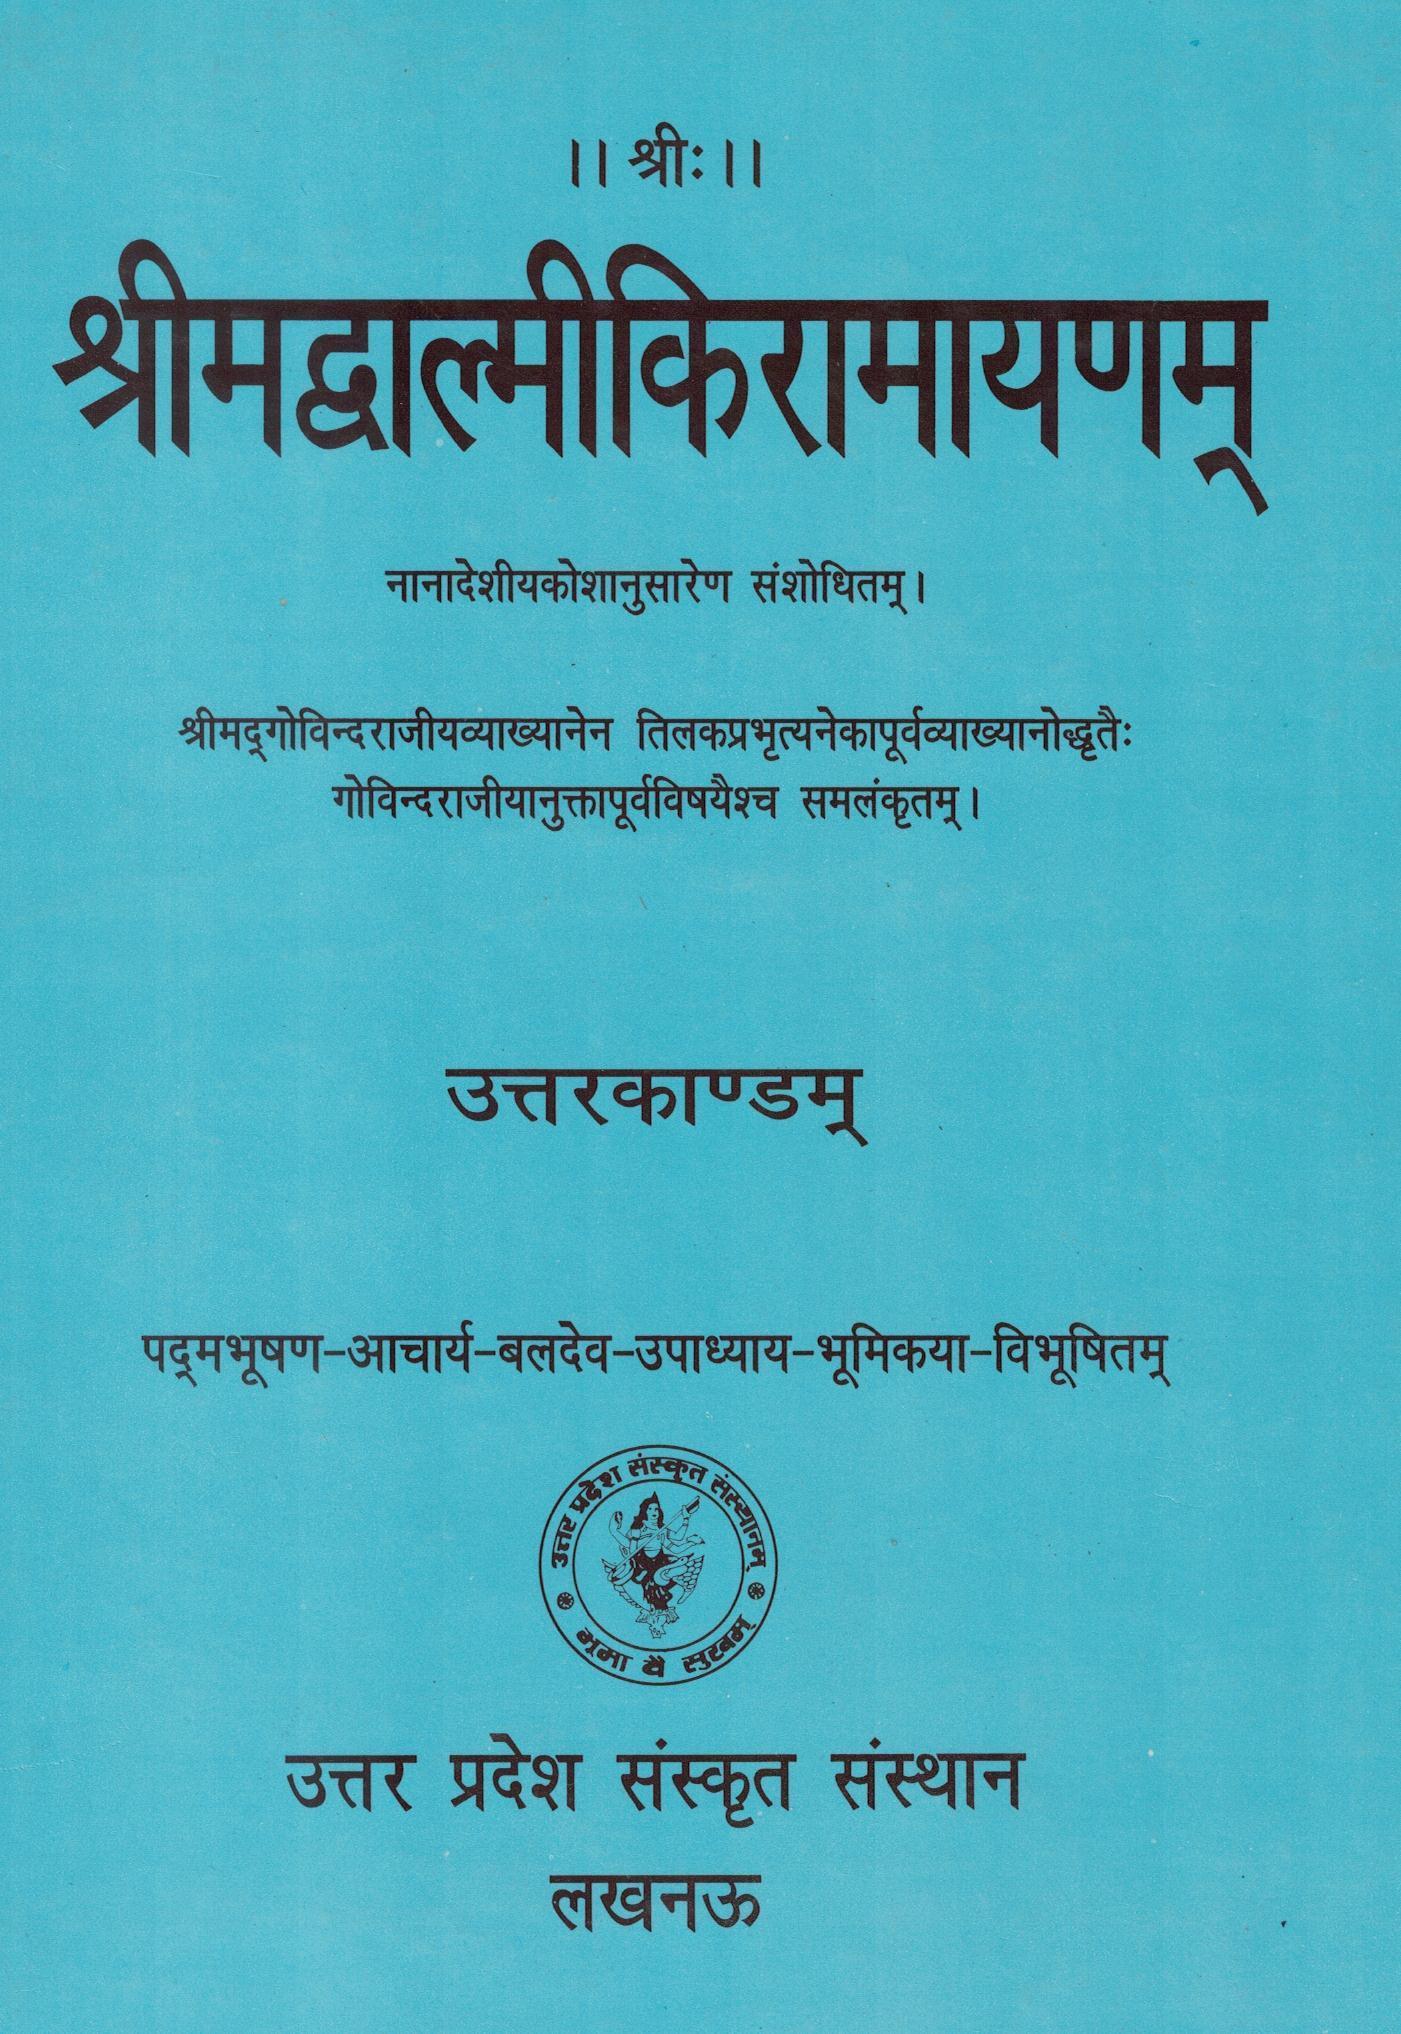 श्रीमद्वाल्मीकि रामायण (द्वितीय भाग) पूर्व विषयों से समलंकृत